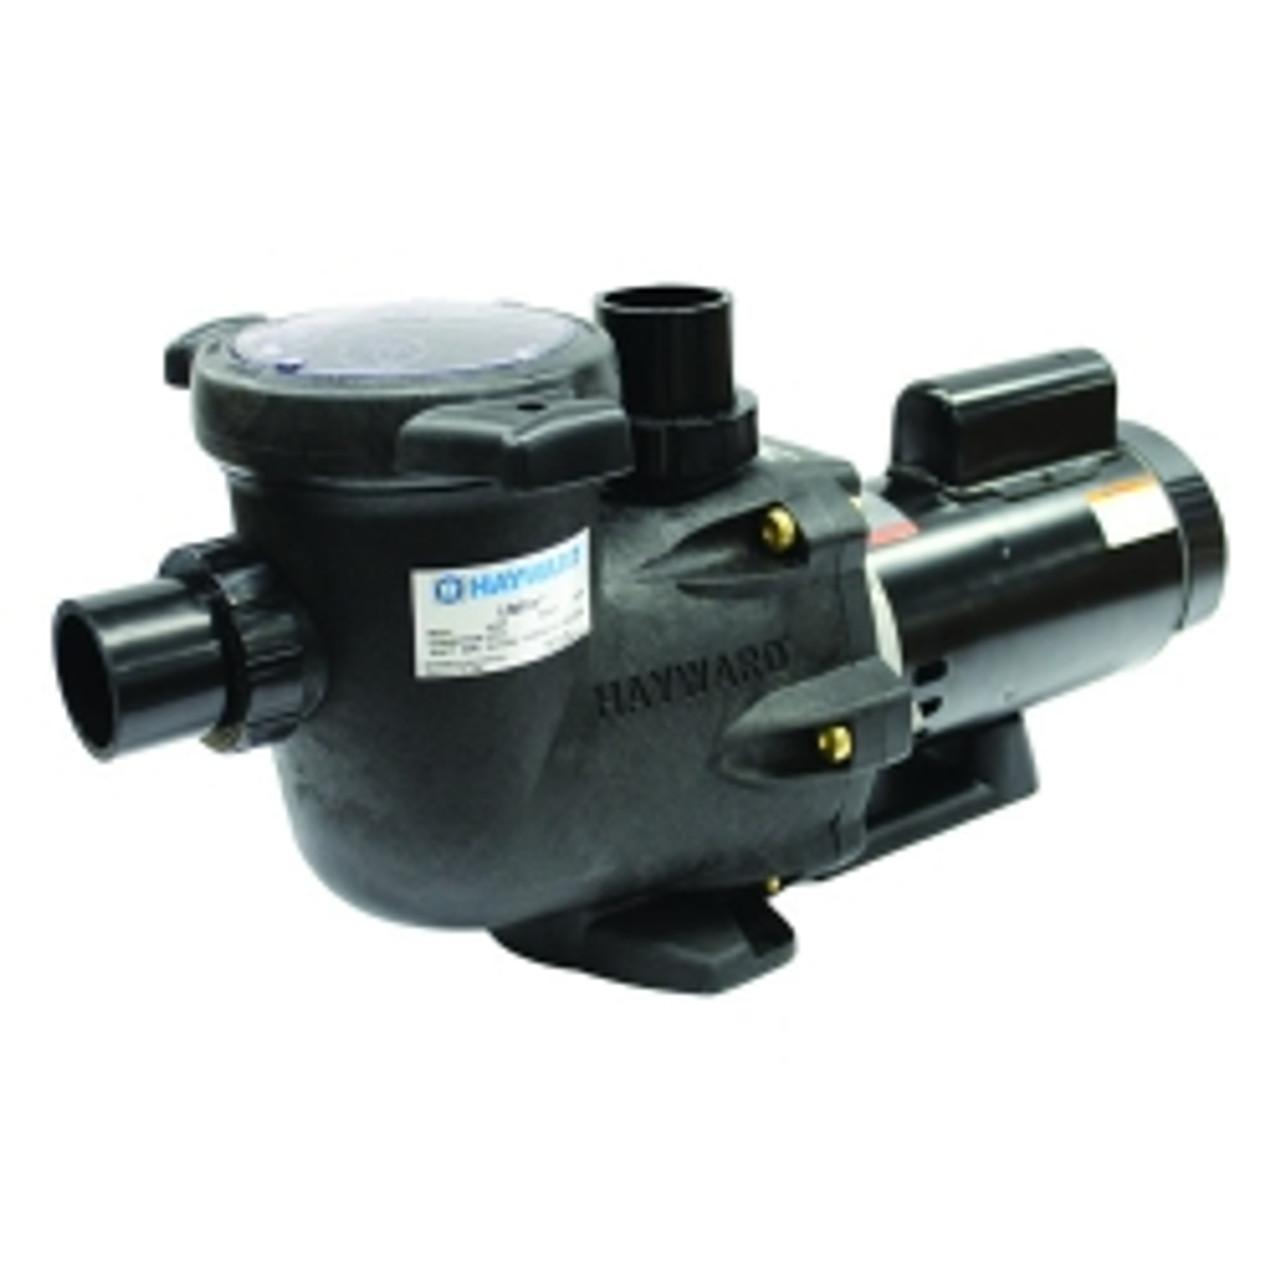 Hayward 1/2 HP A-Series LifeStar™ Aquatic Pump with 1 Phase 115/208-230v ODP Motor